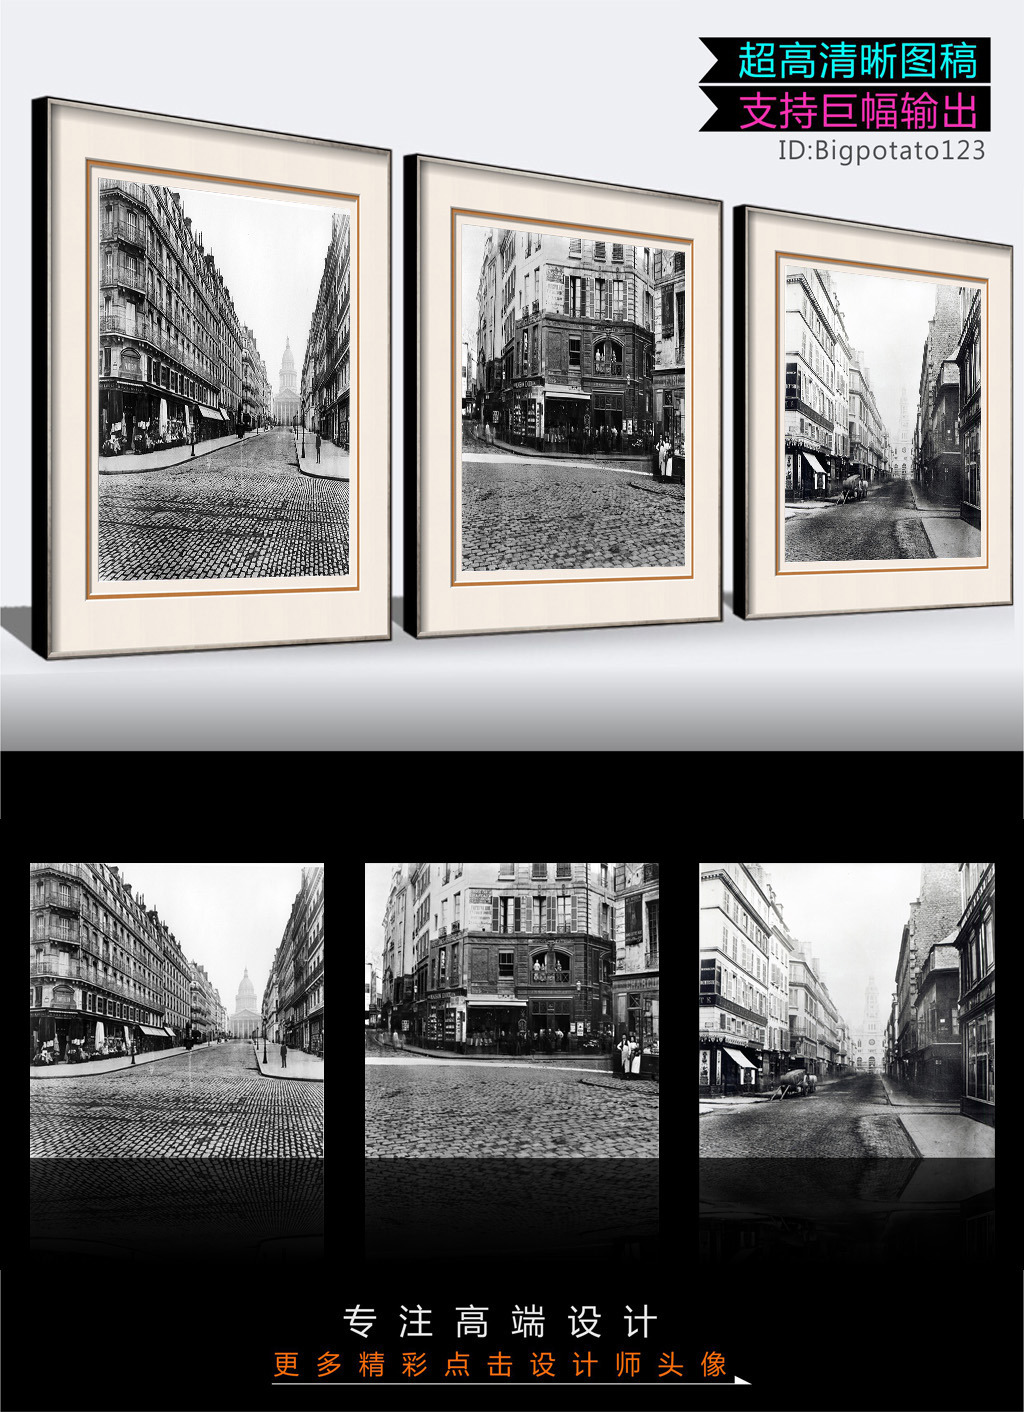 黑白建筑老照片模板下载